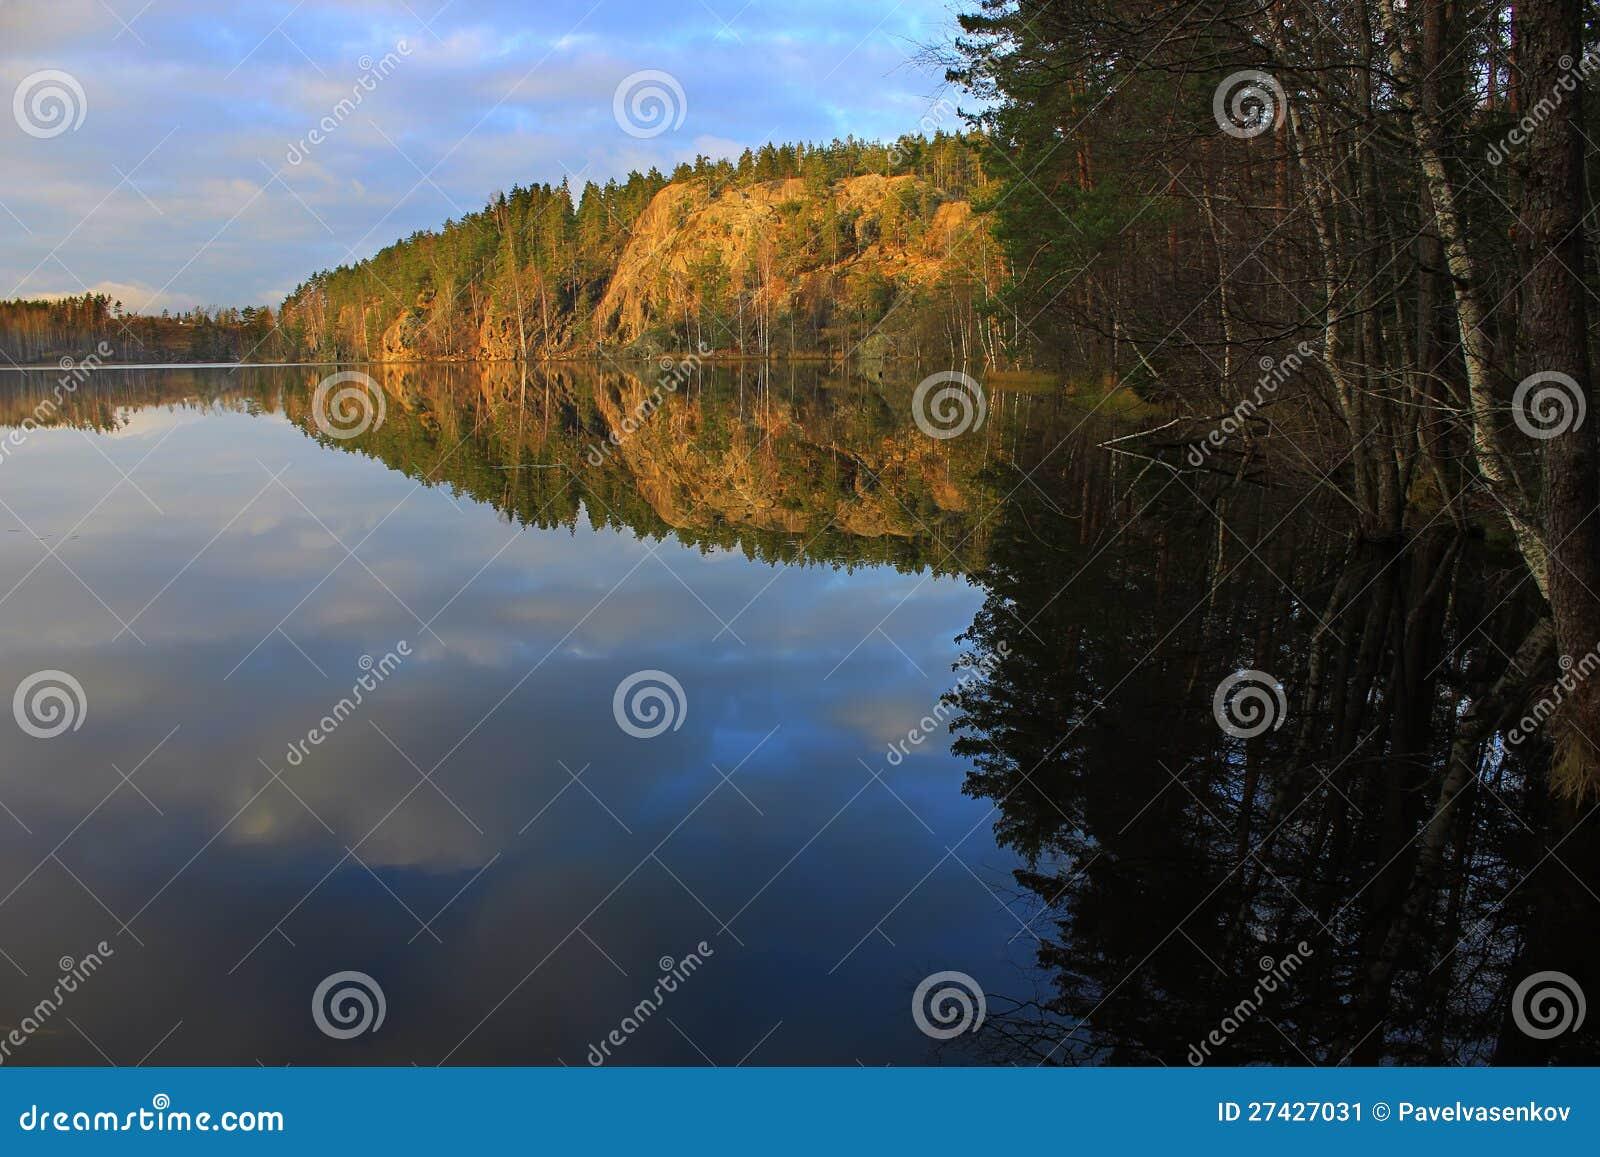 Nature of karelia russian nature hawk lake rocks above the water